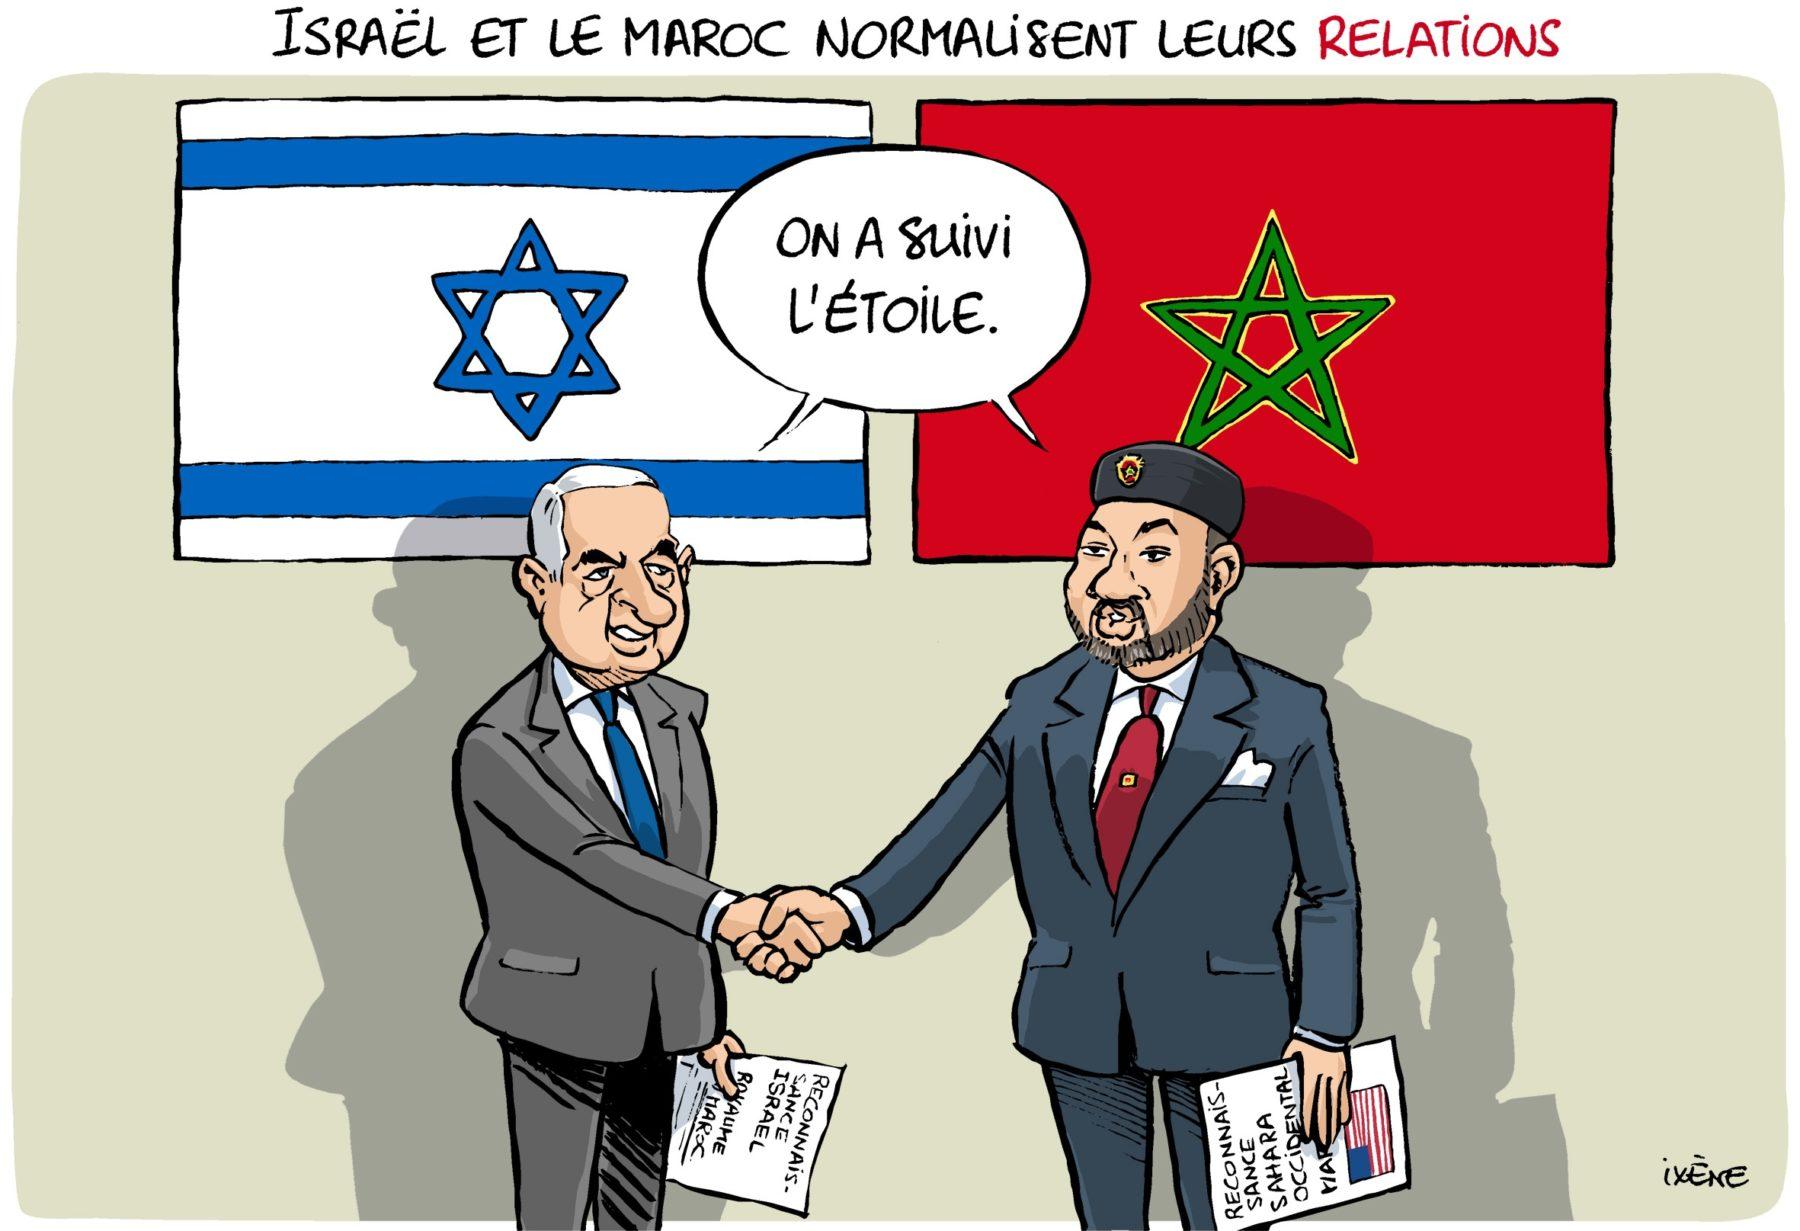 Dessin de presse : Le Premier ministre israélien et le roi du Maroc se serrent la main devant leurs drapeaux respectifs. 'On a suivi l'étoile', disent-ils.